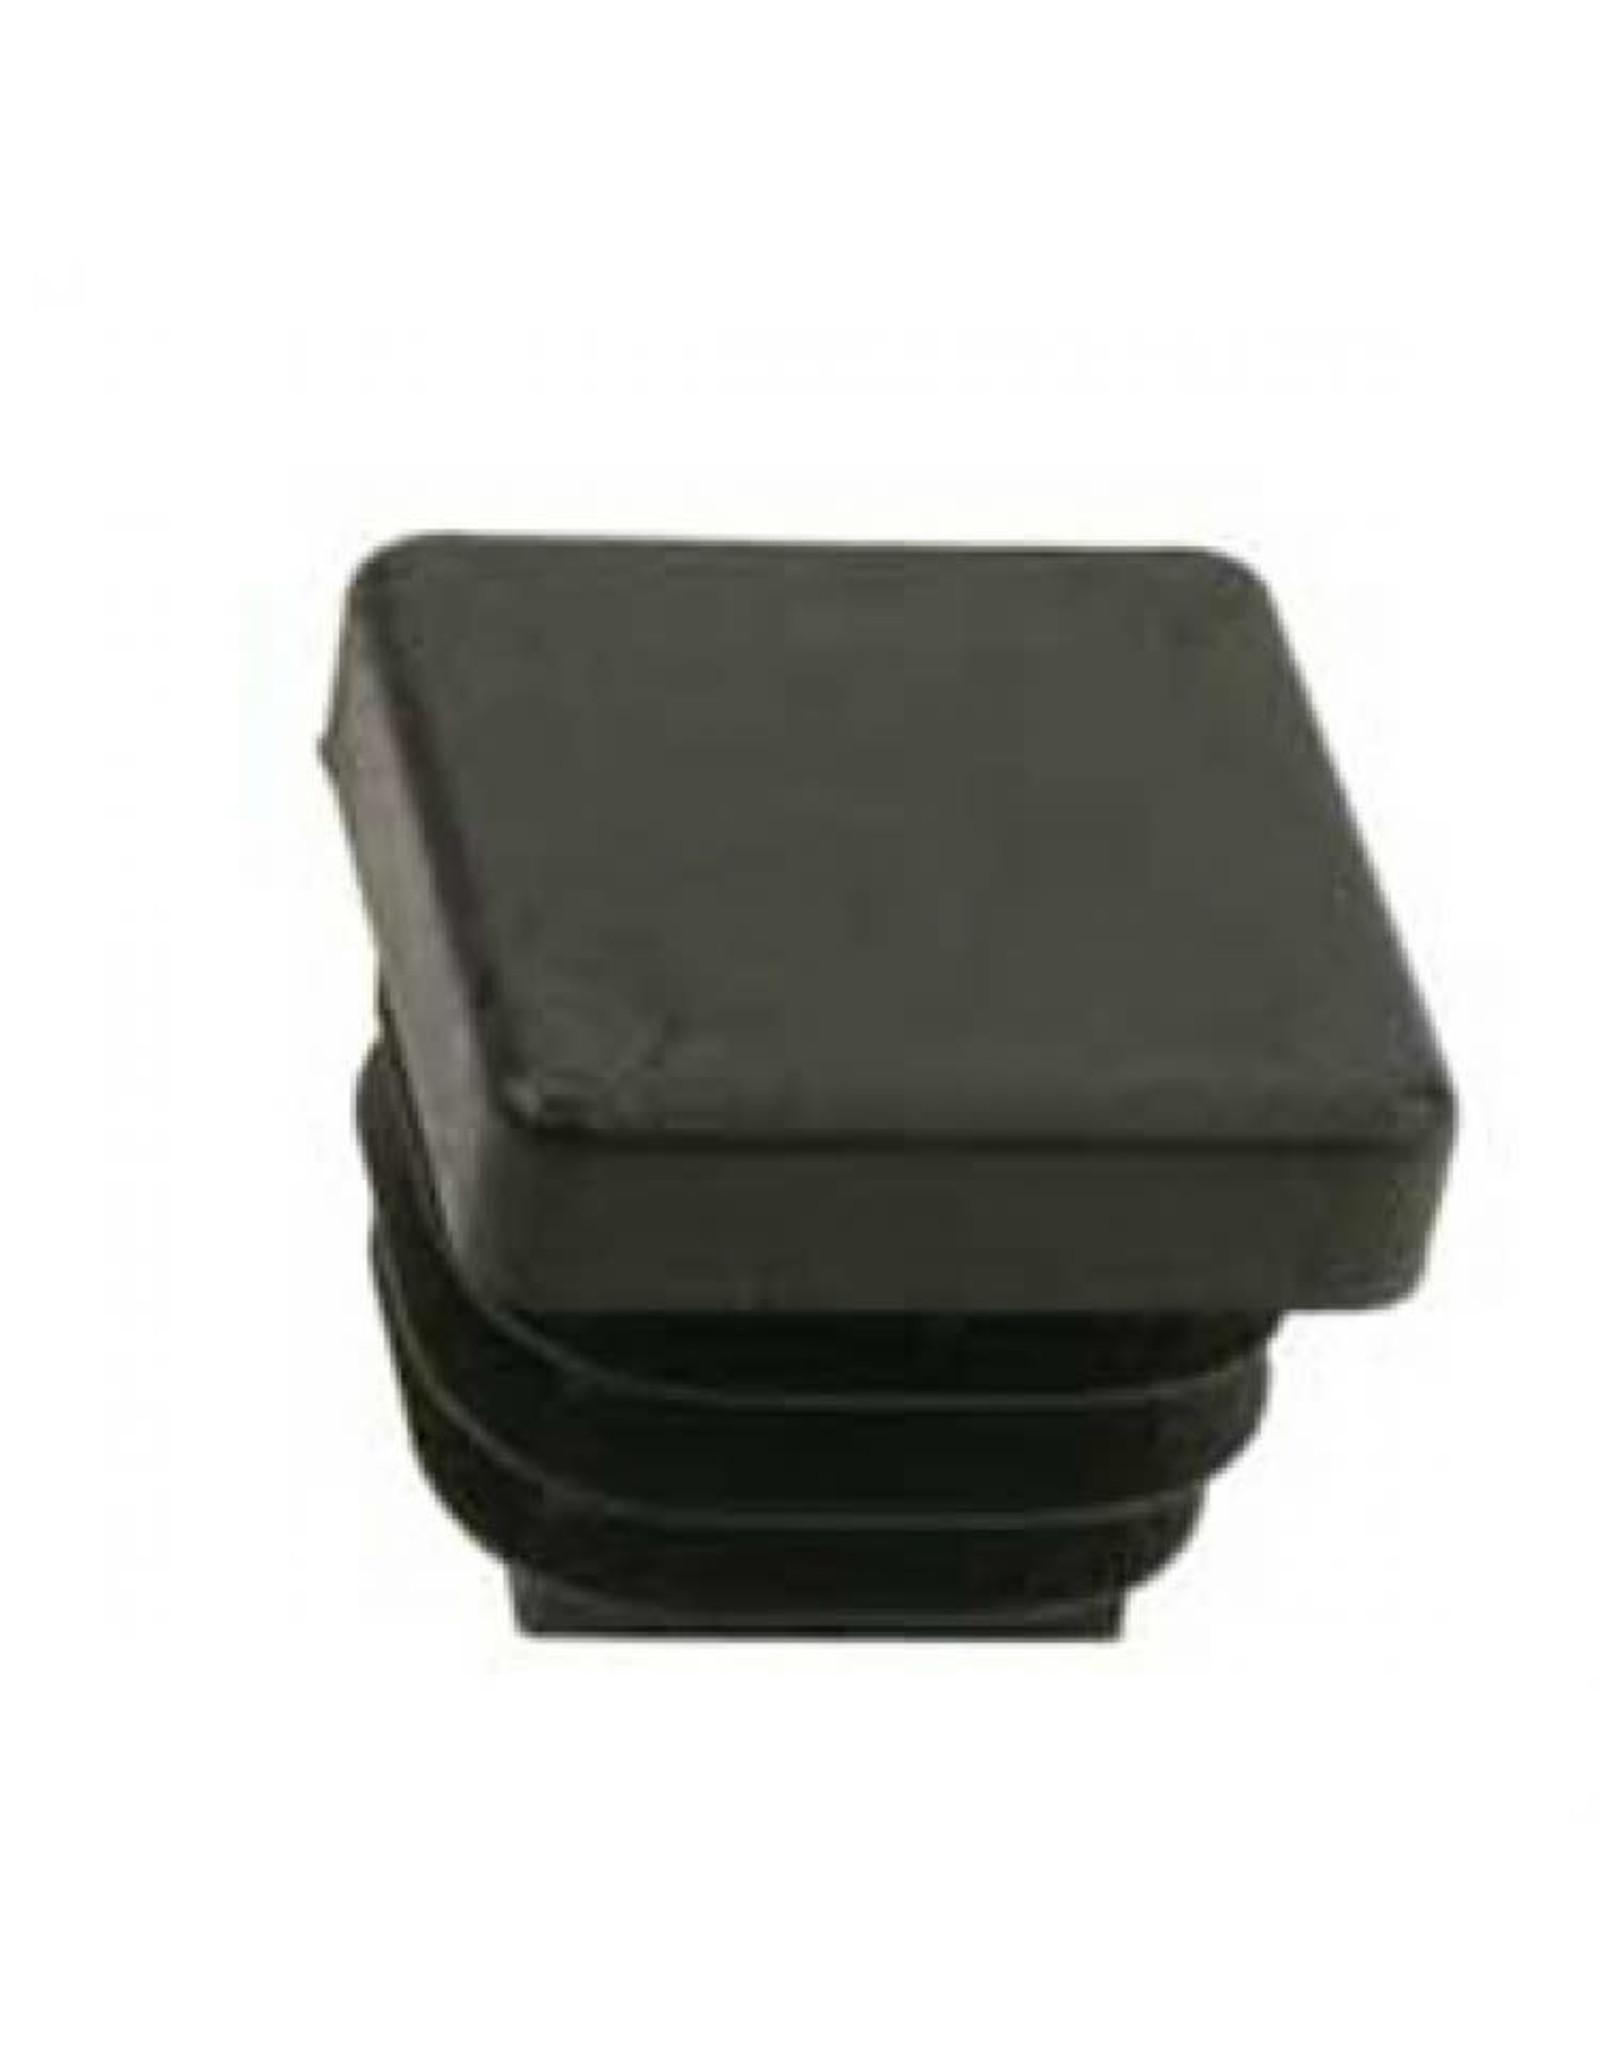 Buisstop vierkant, zwart kunststof 20 x 20 mm lamelstop per 4 stuks